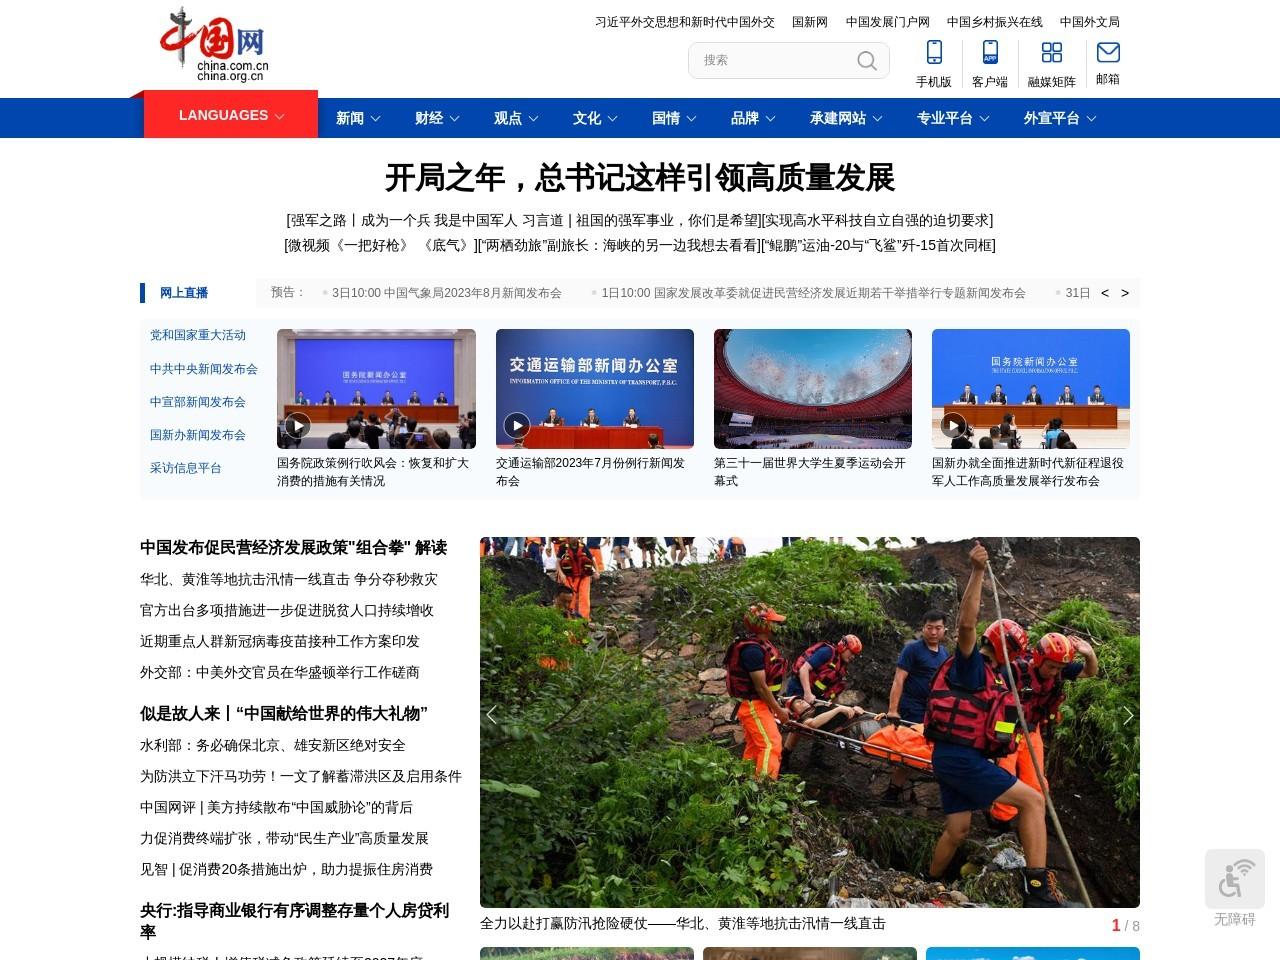 【智库思享】吴舜泽:保障和促进人与自然和谐共生_中国网